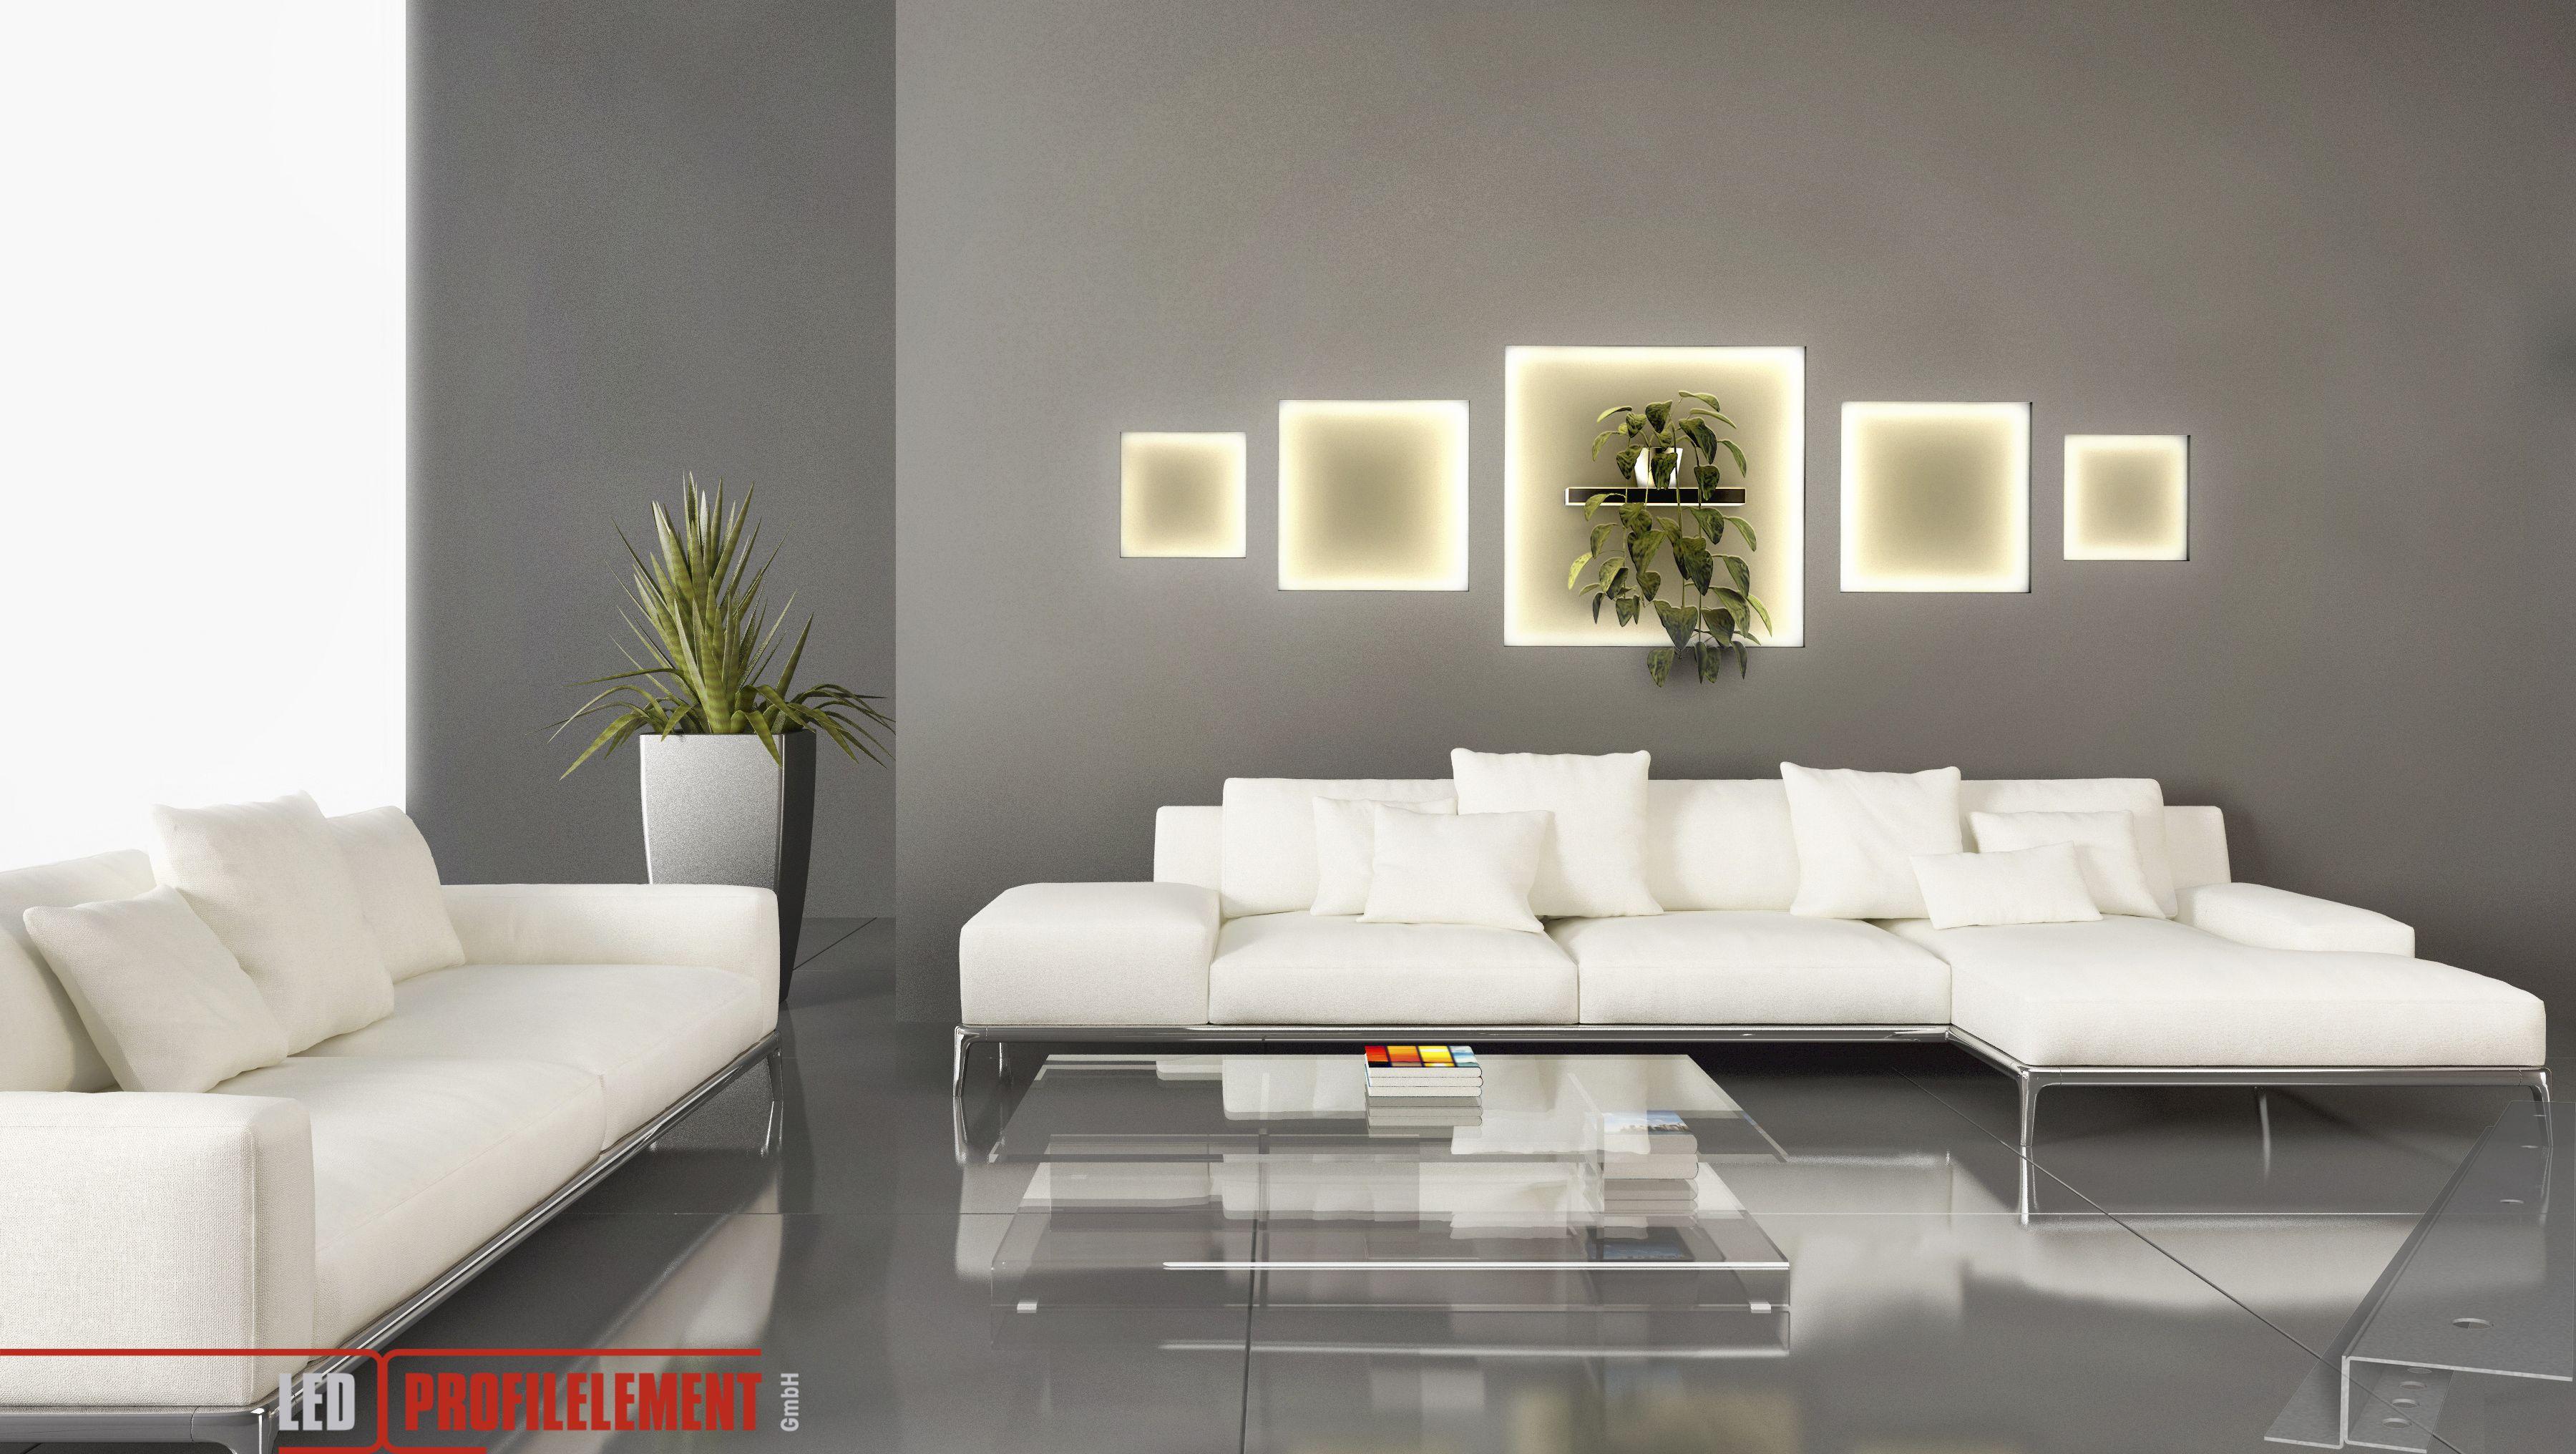 Indirekte Beleuchtung Im Wohnzimmer Www Ledprofilelement De Indirekte Beleuchtung Beleuchtung Led